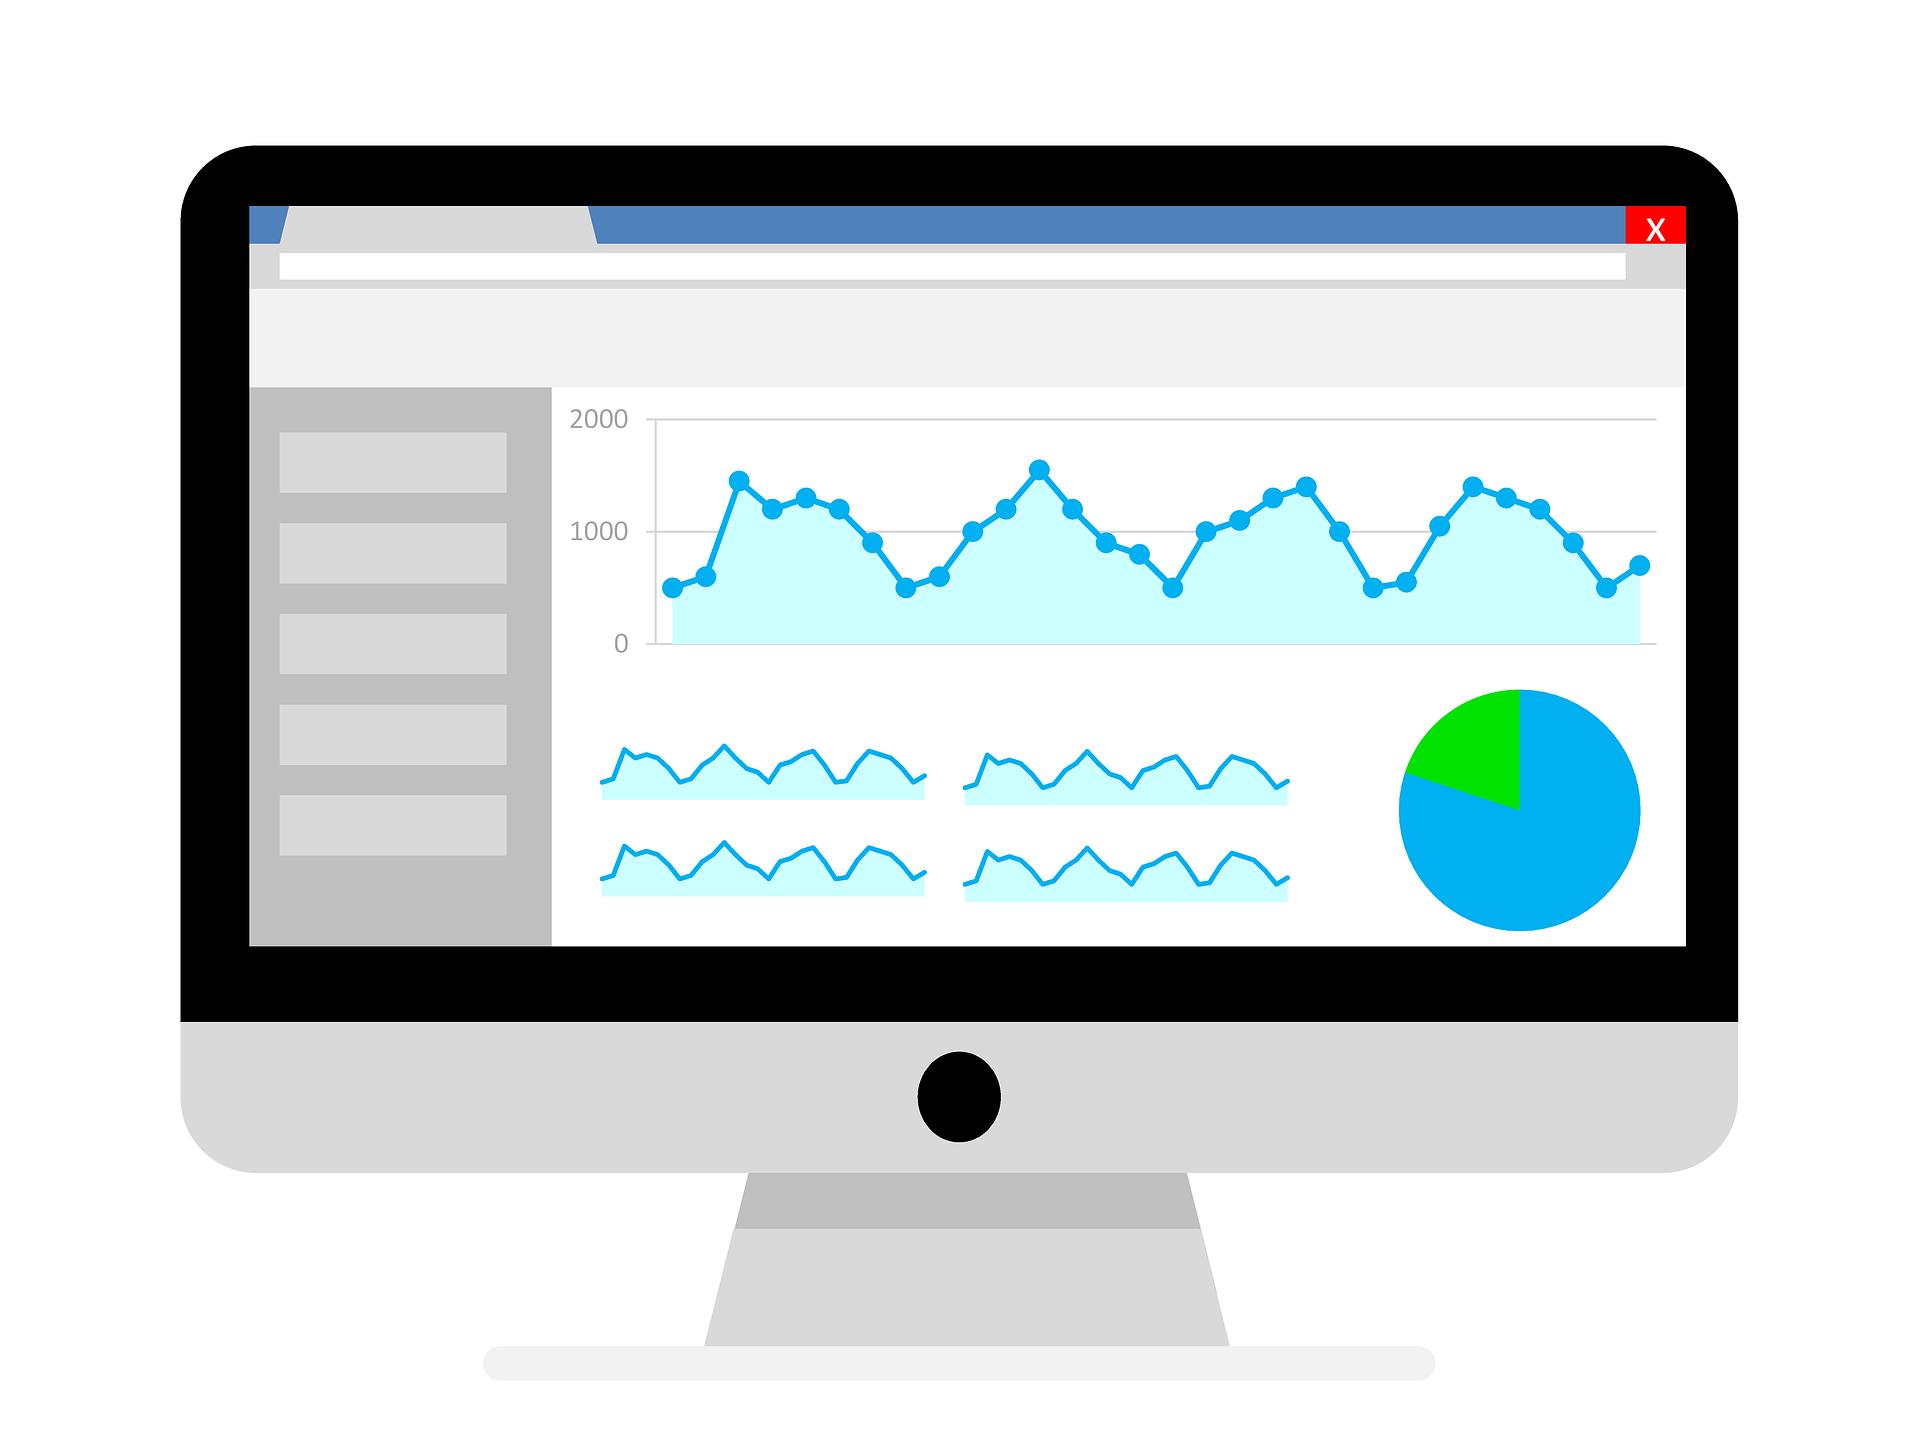 В Google Analytics 4 появился показатель прогнозируемого дохода